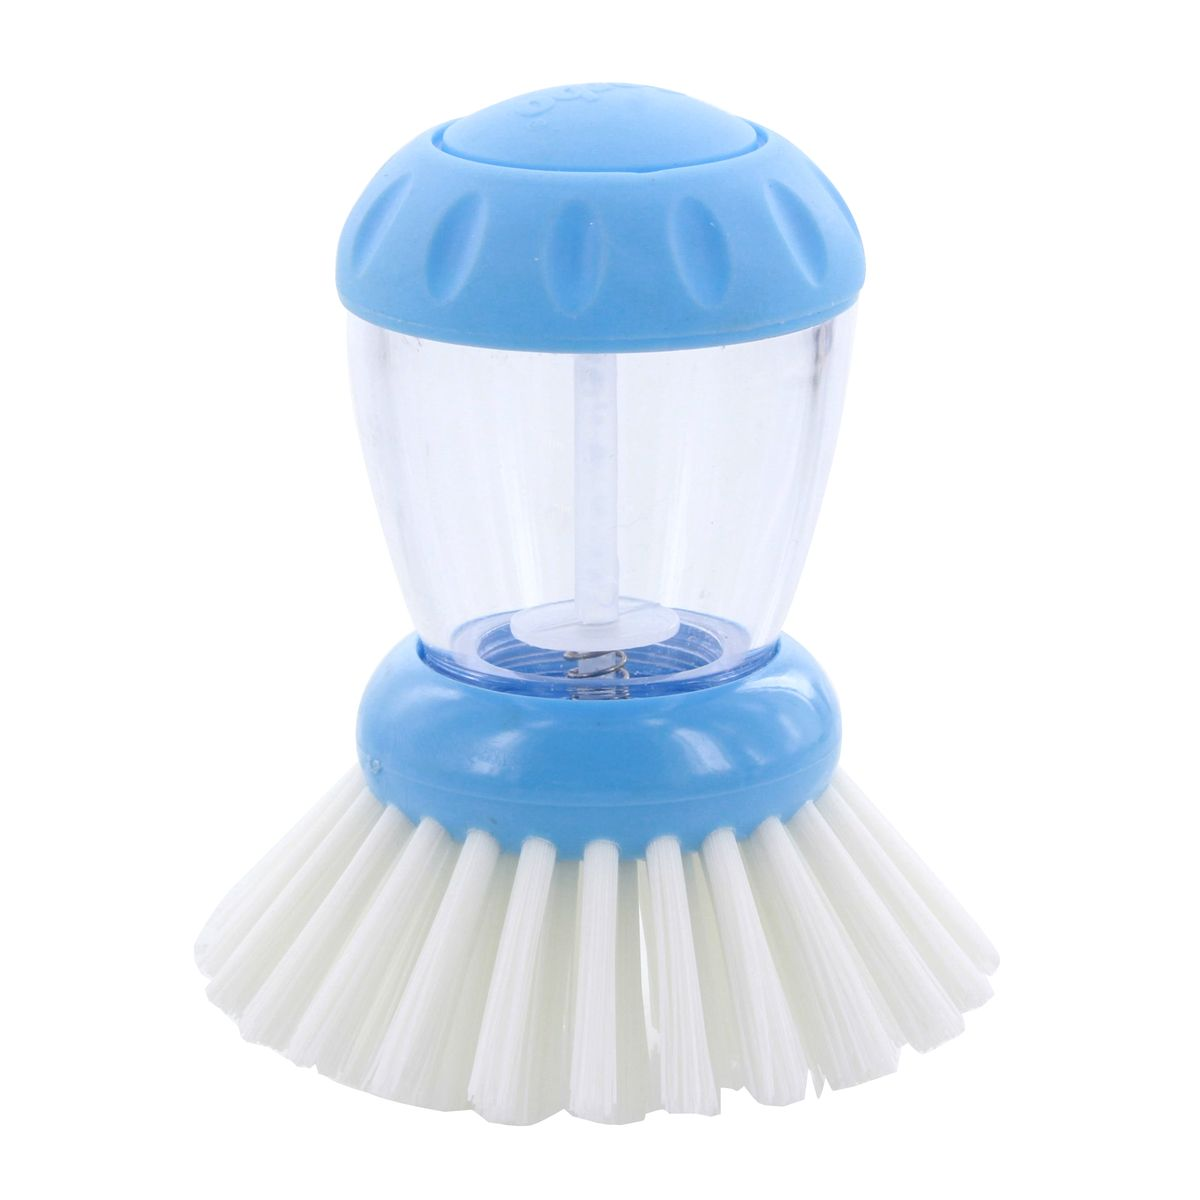 Brosse vaisselle avec réservoir bleue - Chevalier Diffusion